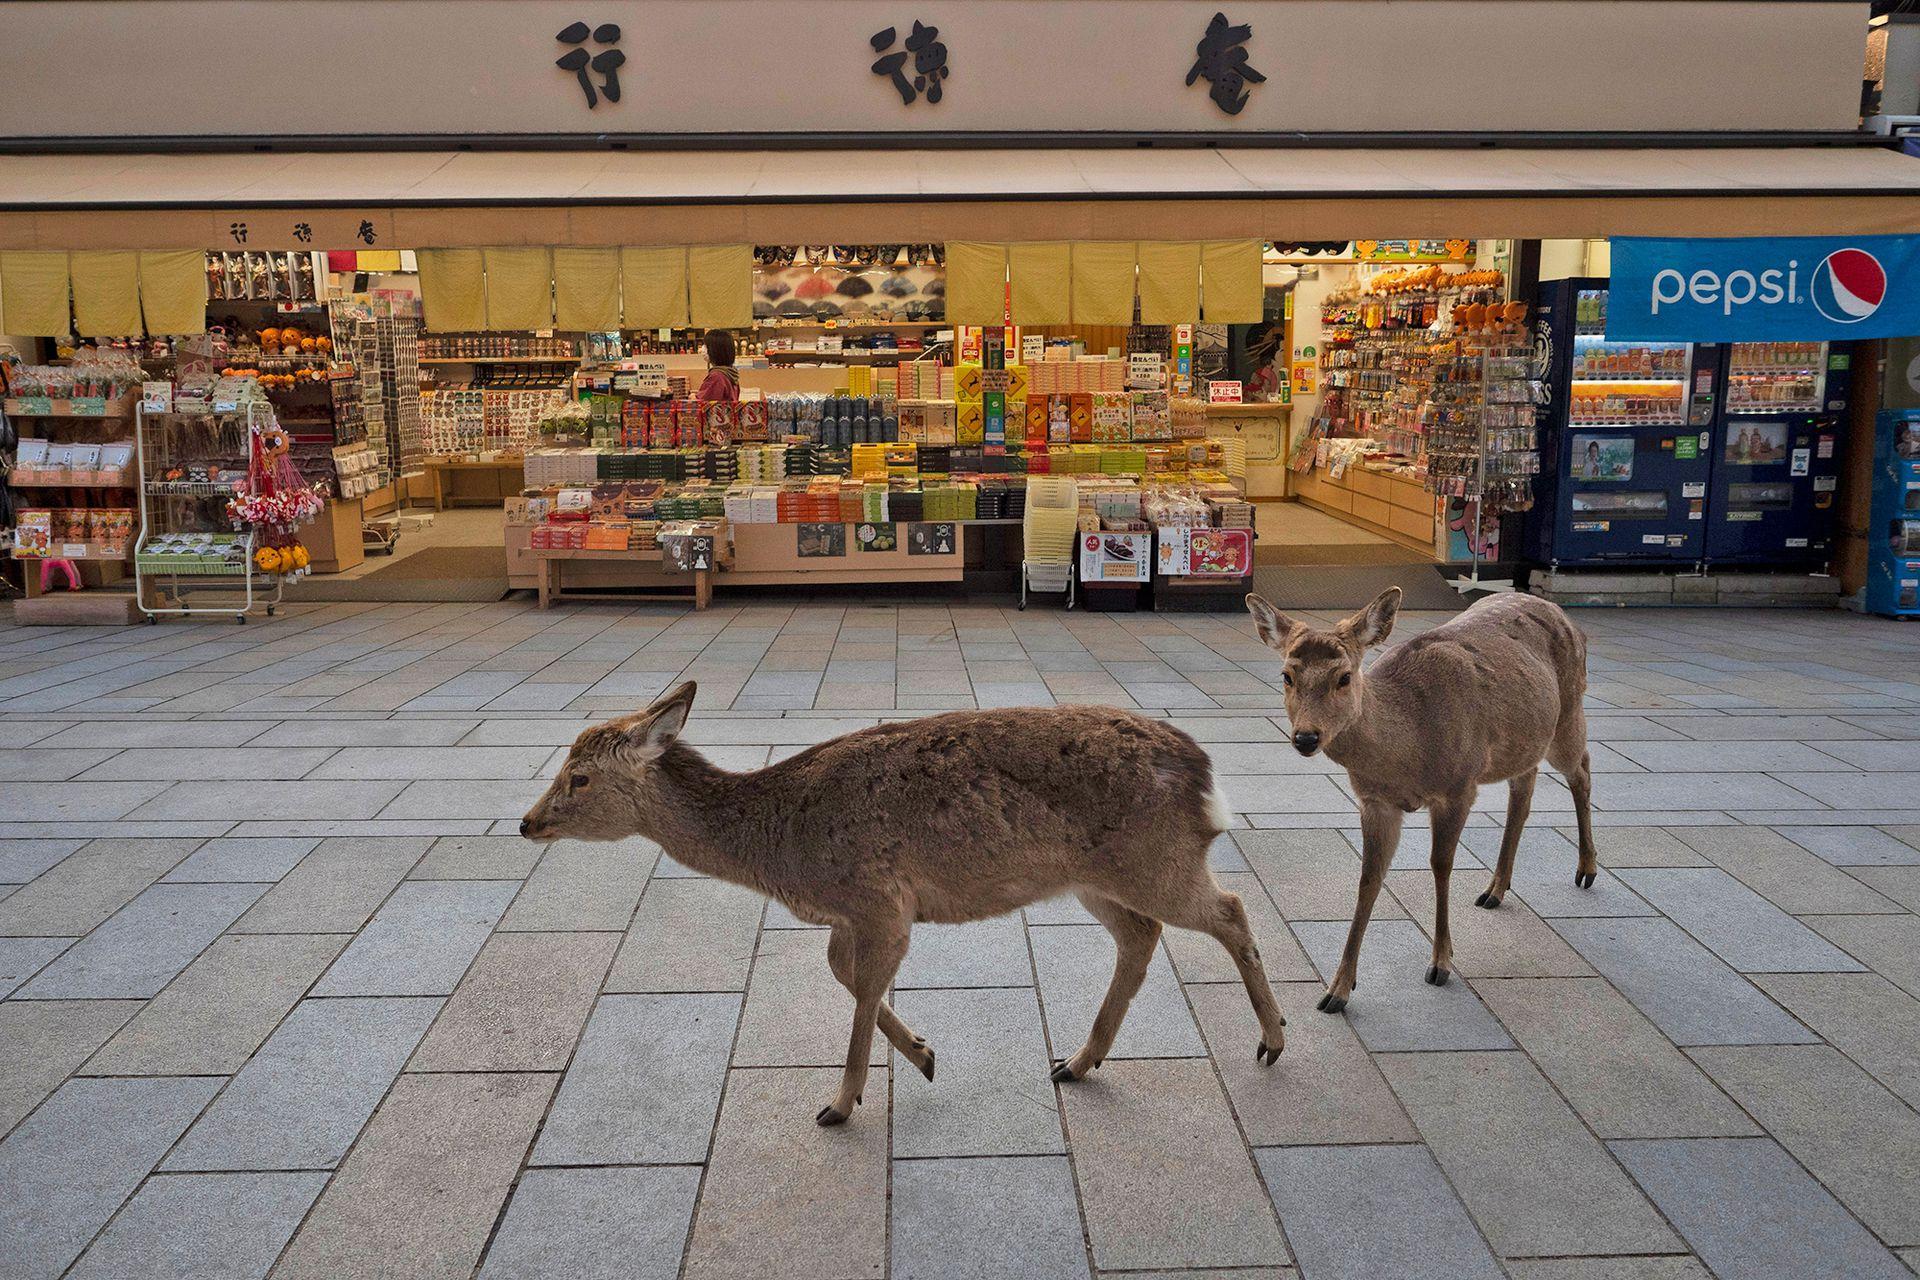 Alrededor de 1000 ciervos deambulan por las zonas comerciales de la antigua capital de Japón